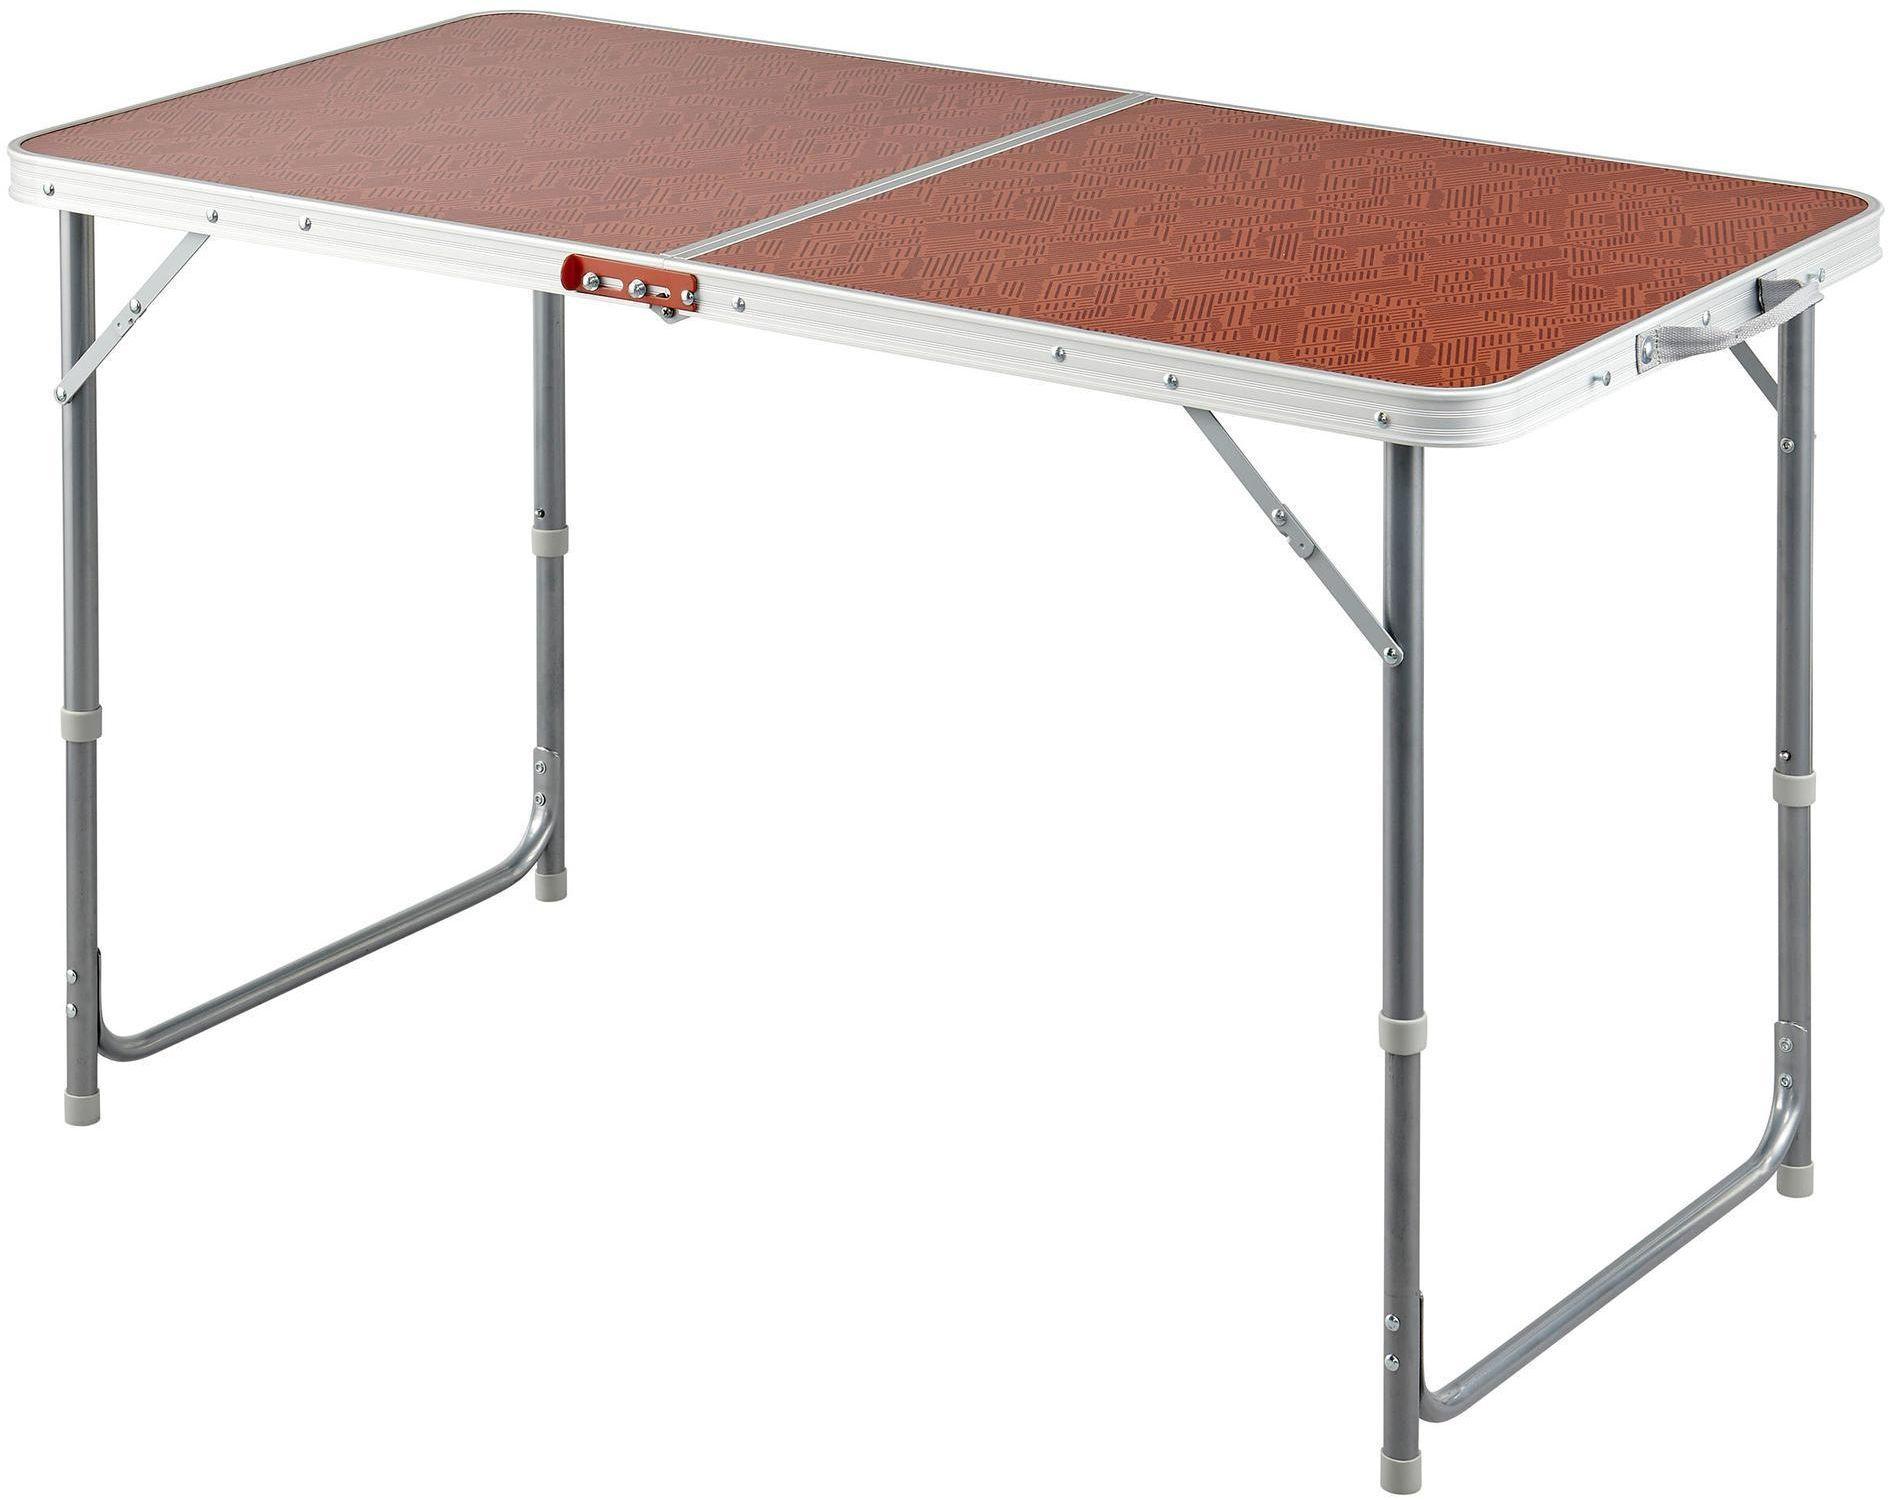 Stół kempingowy składany dla 4-6 osób